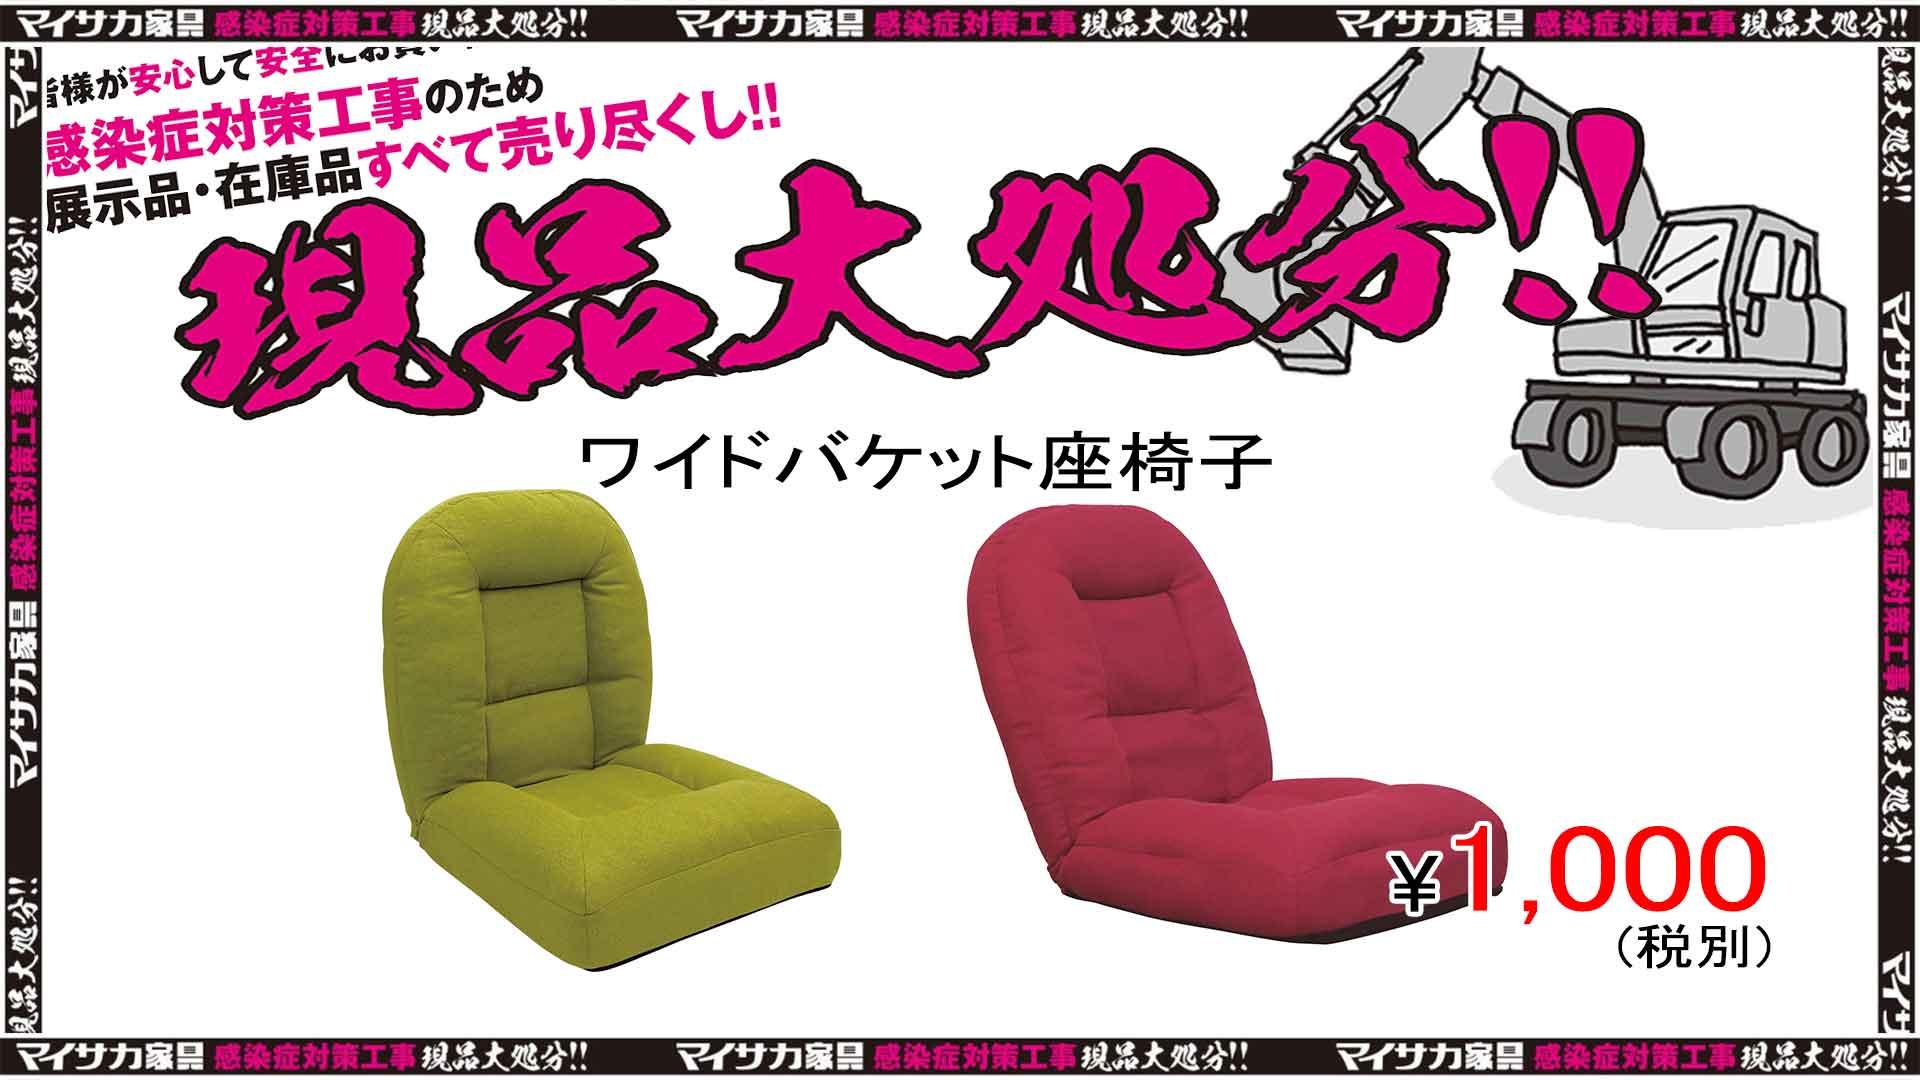 ポケットコイルが入った大きな座面、サイズの可愛らしい座椅子の画像